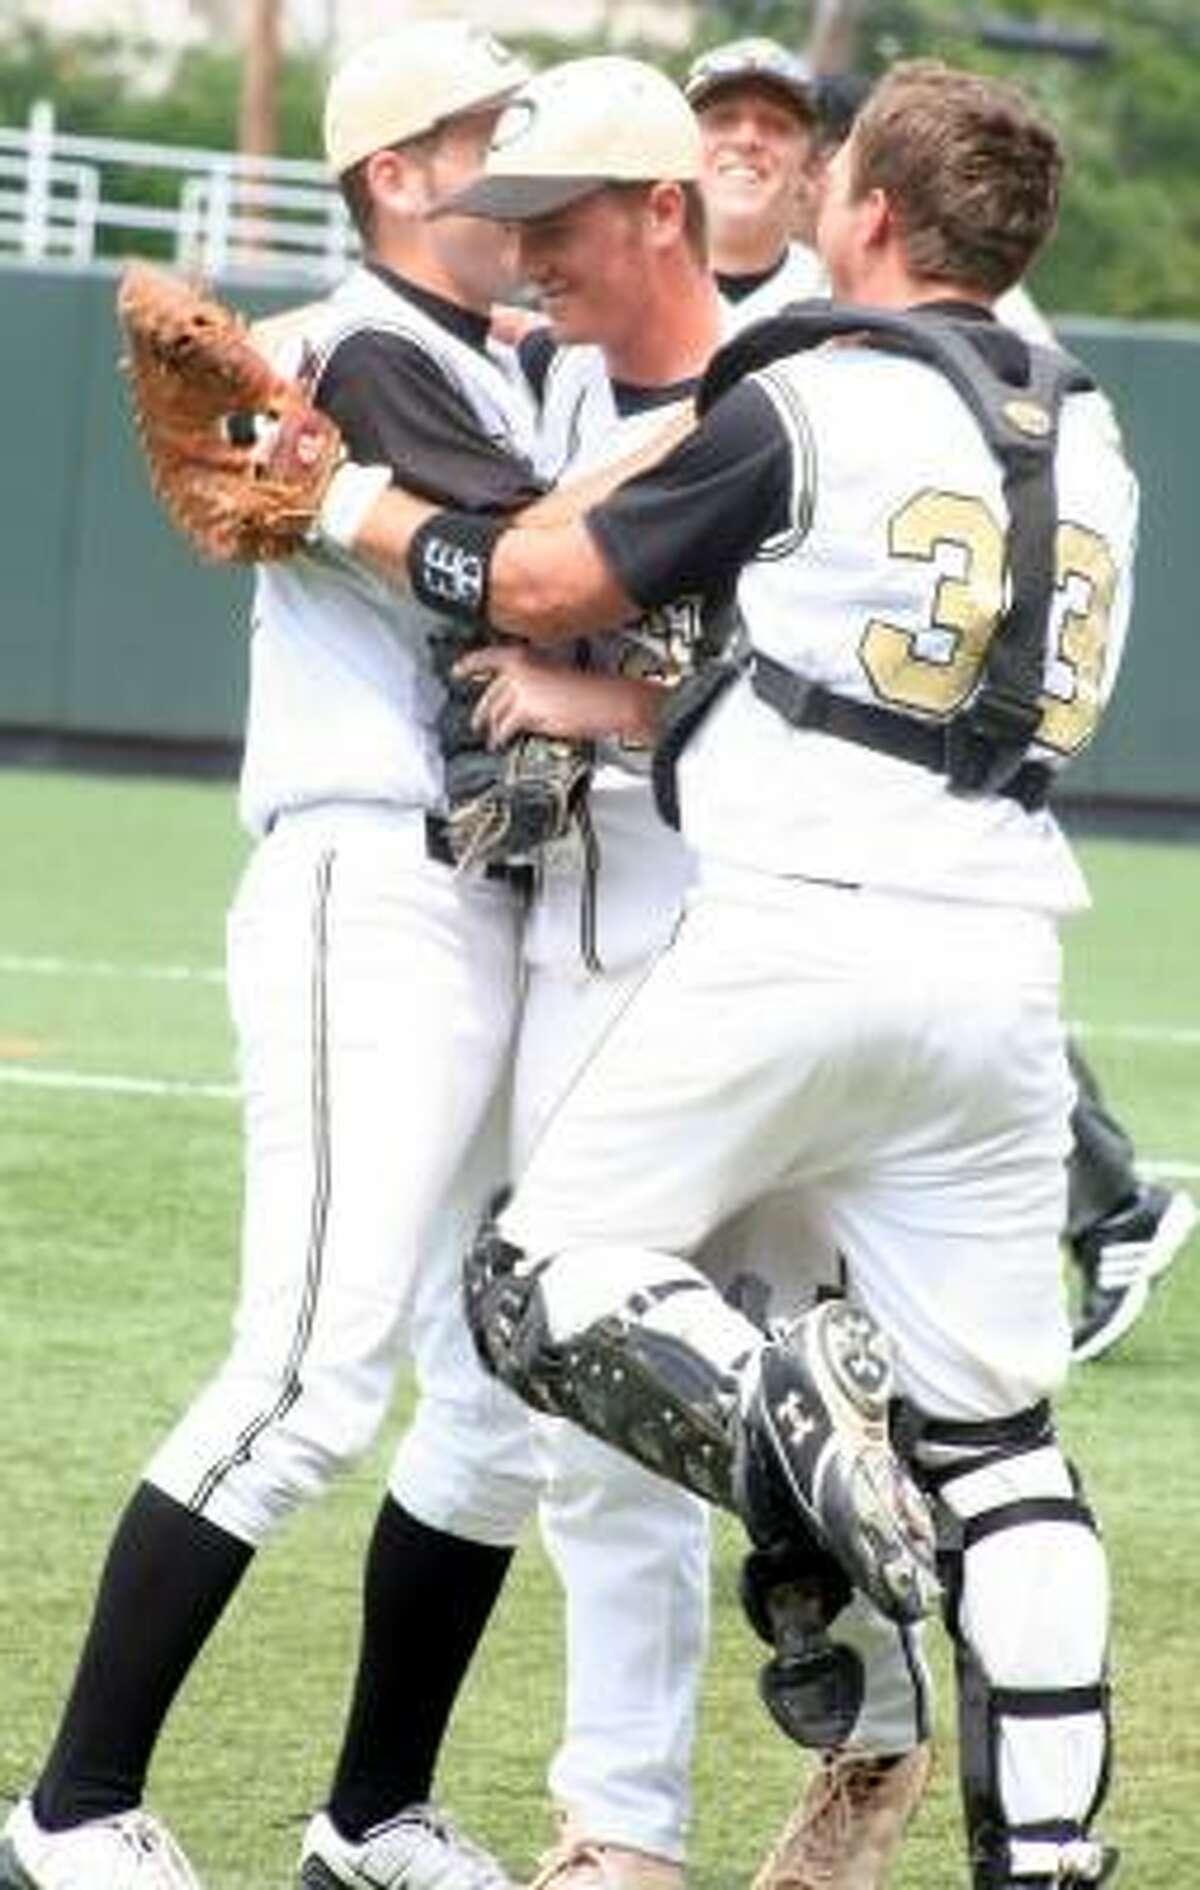 Danbury catcher Trey Noak hugs pitcher Matt Dees after he got the save.